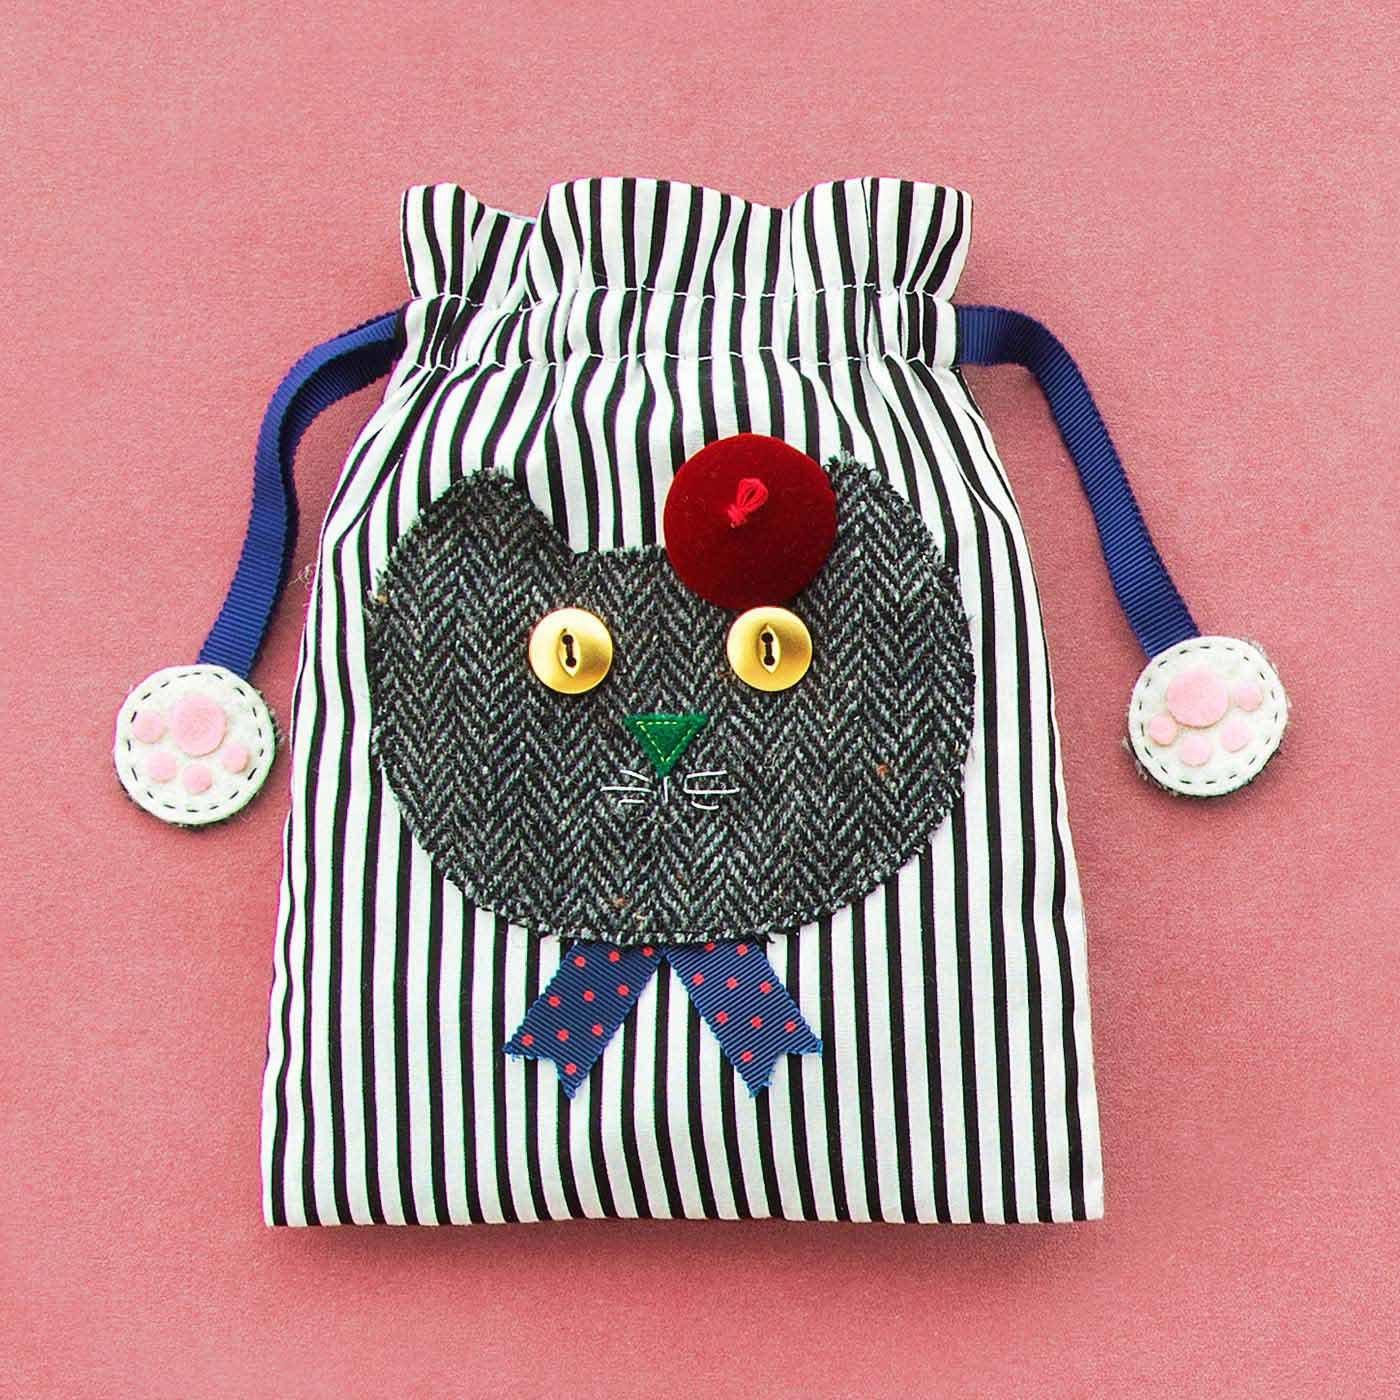 いつも一緒にいたいニャ 自分で作ってみたいポップな猫ちゃんの布小物